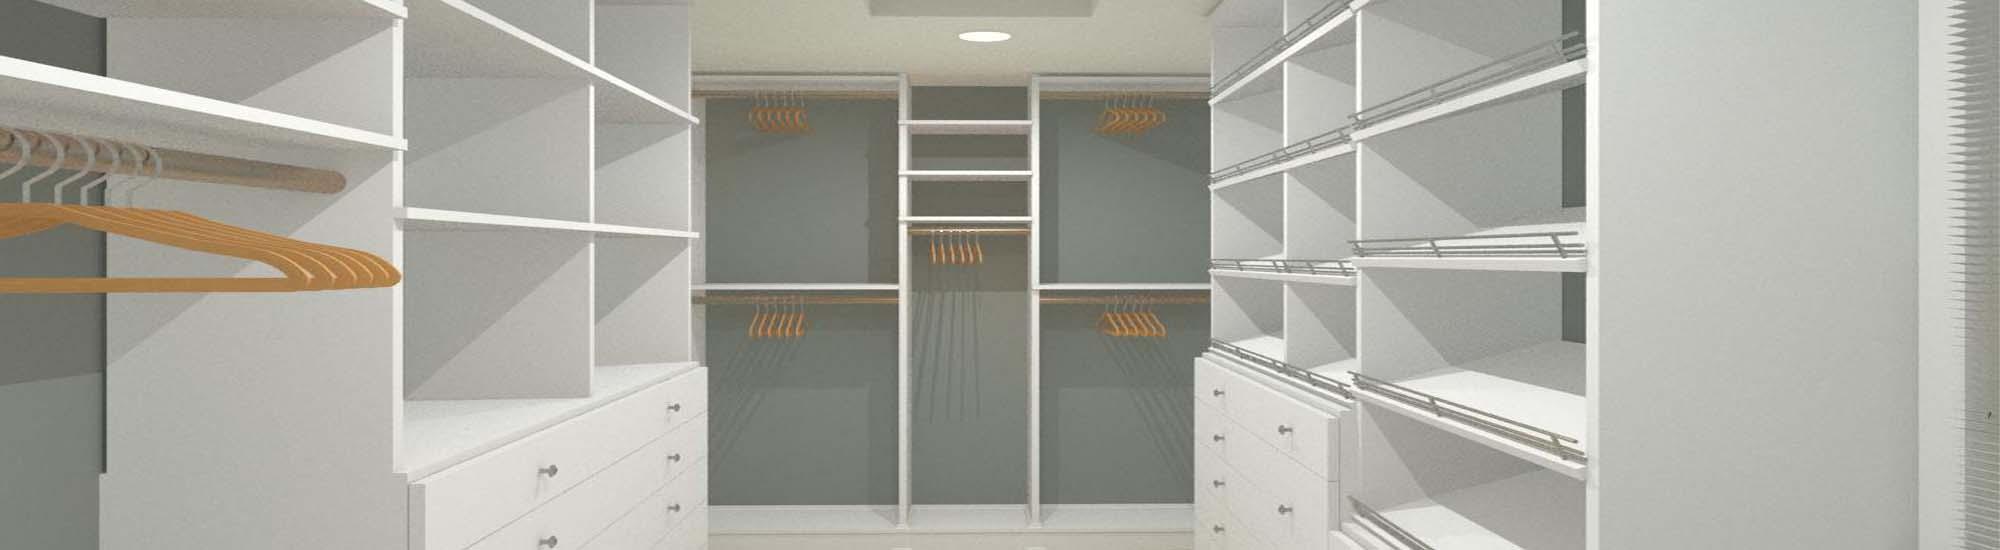 interior-cad-2